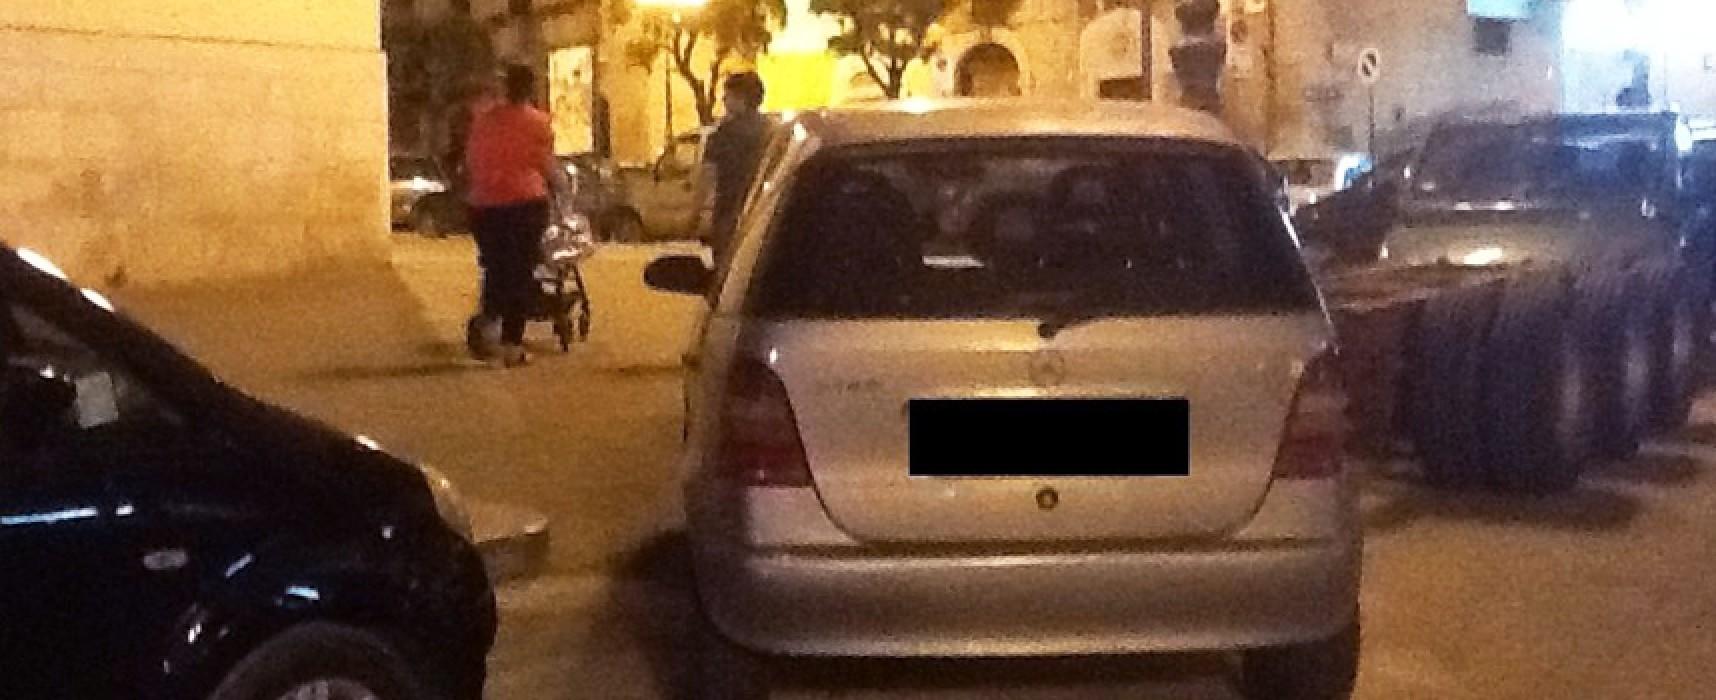 Parcheggio selvaggio in zona San Lorenzo, la segnalazione di un lettore